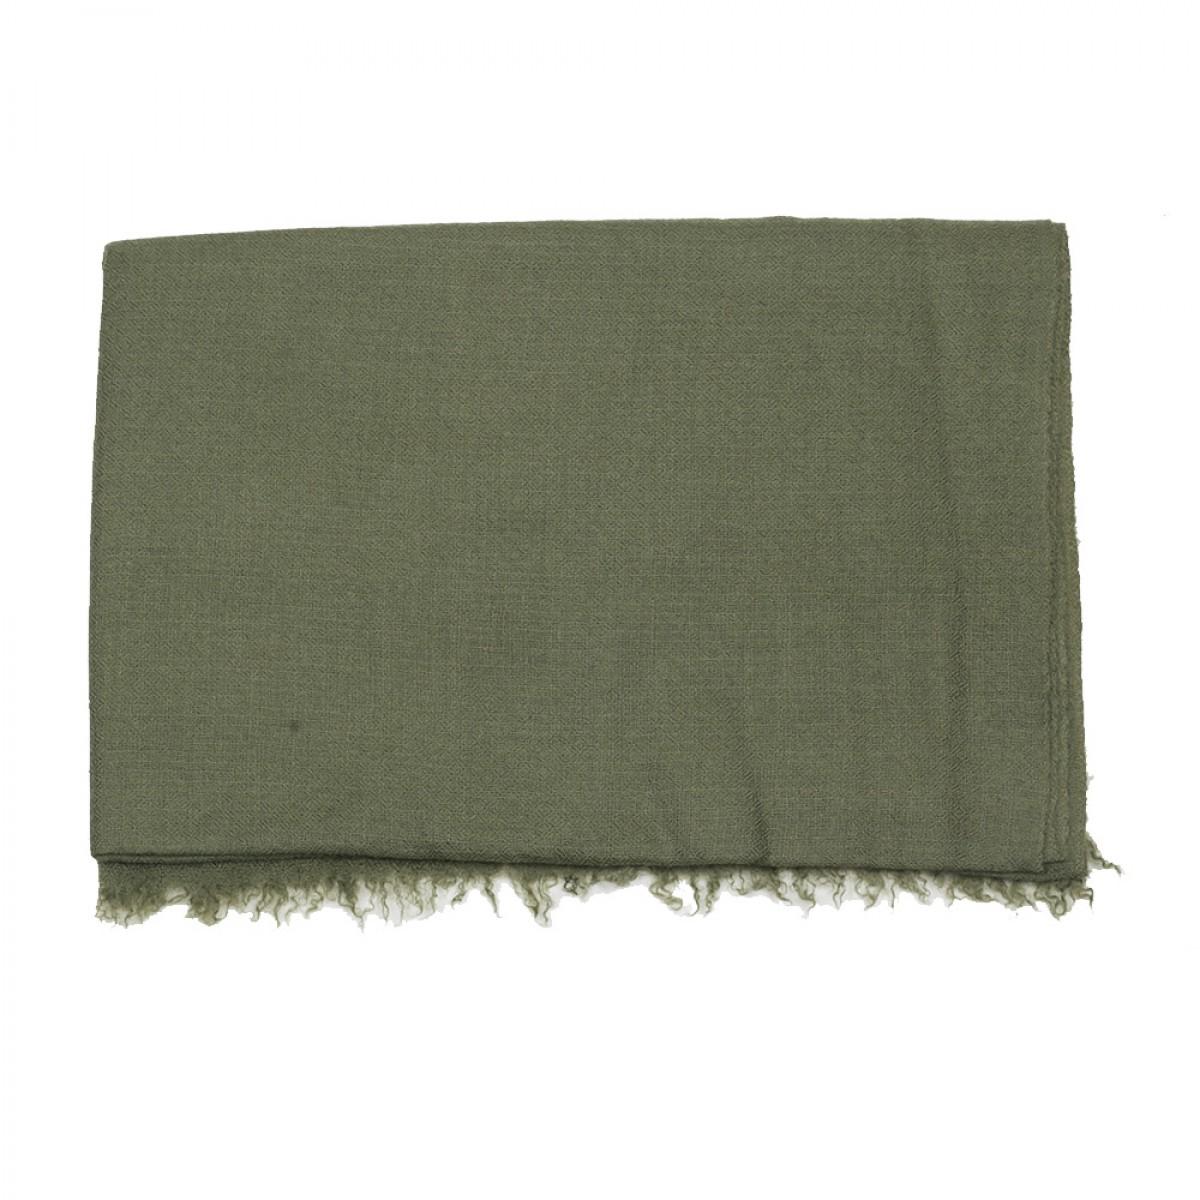 Plain Pashmina Stole - Khaki Green